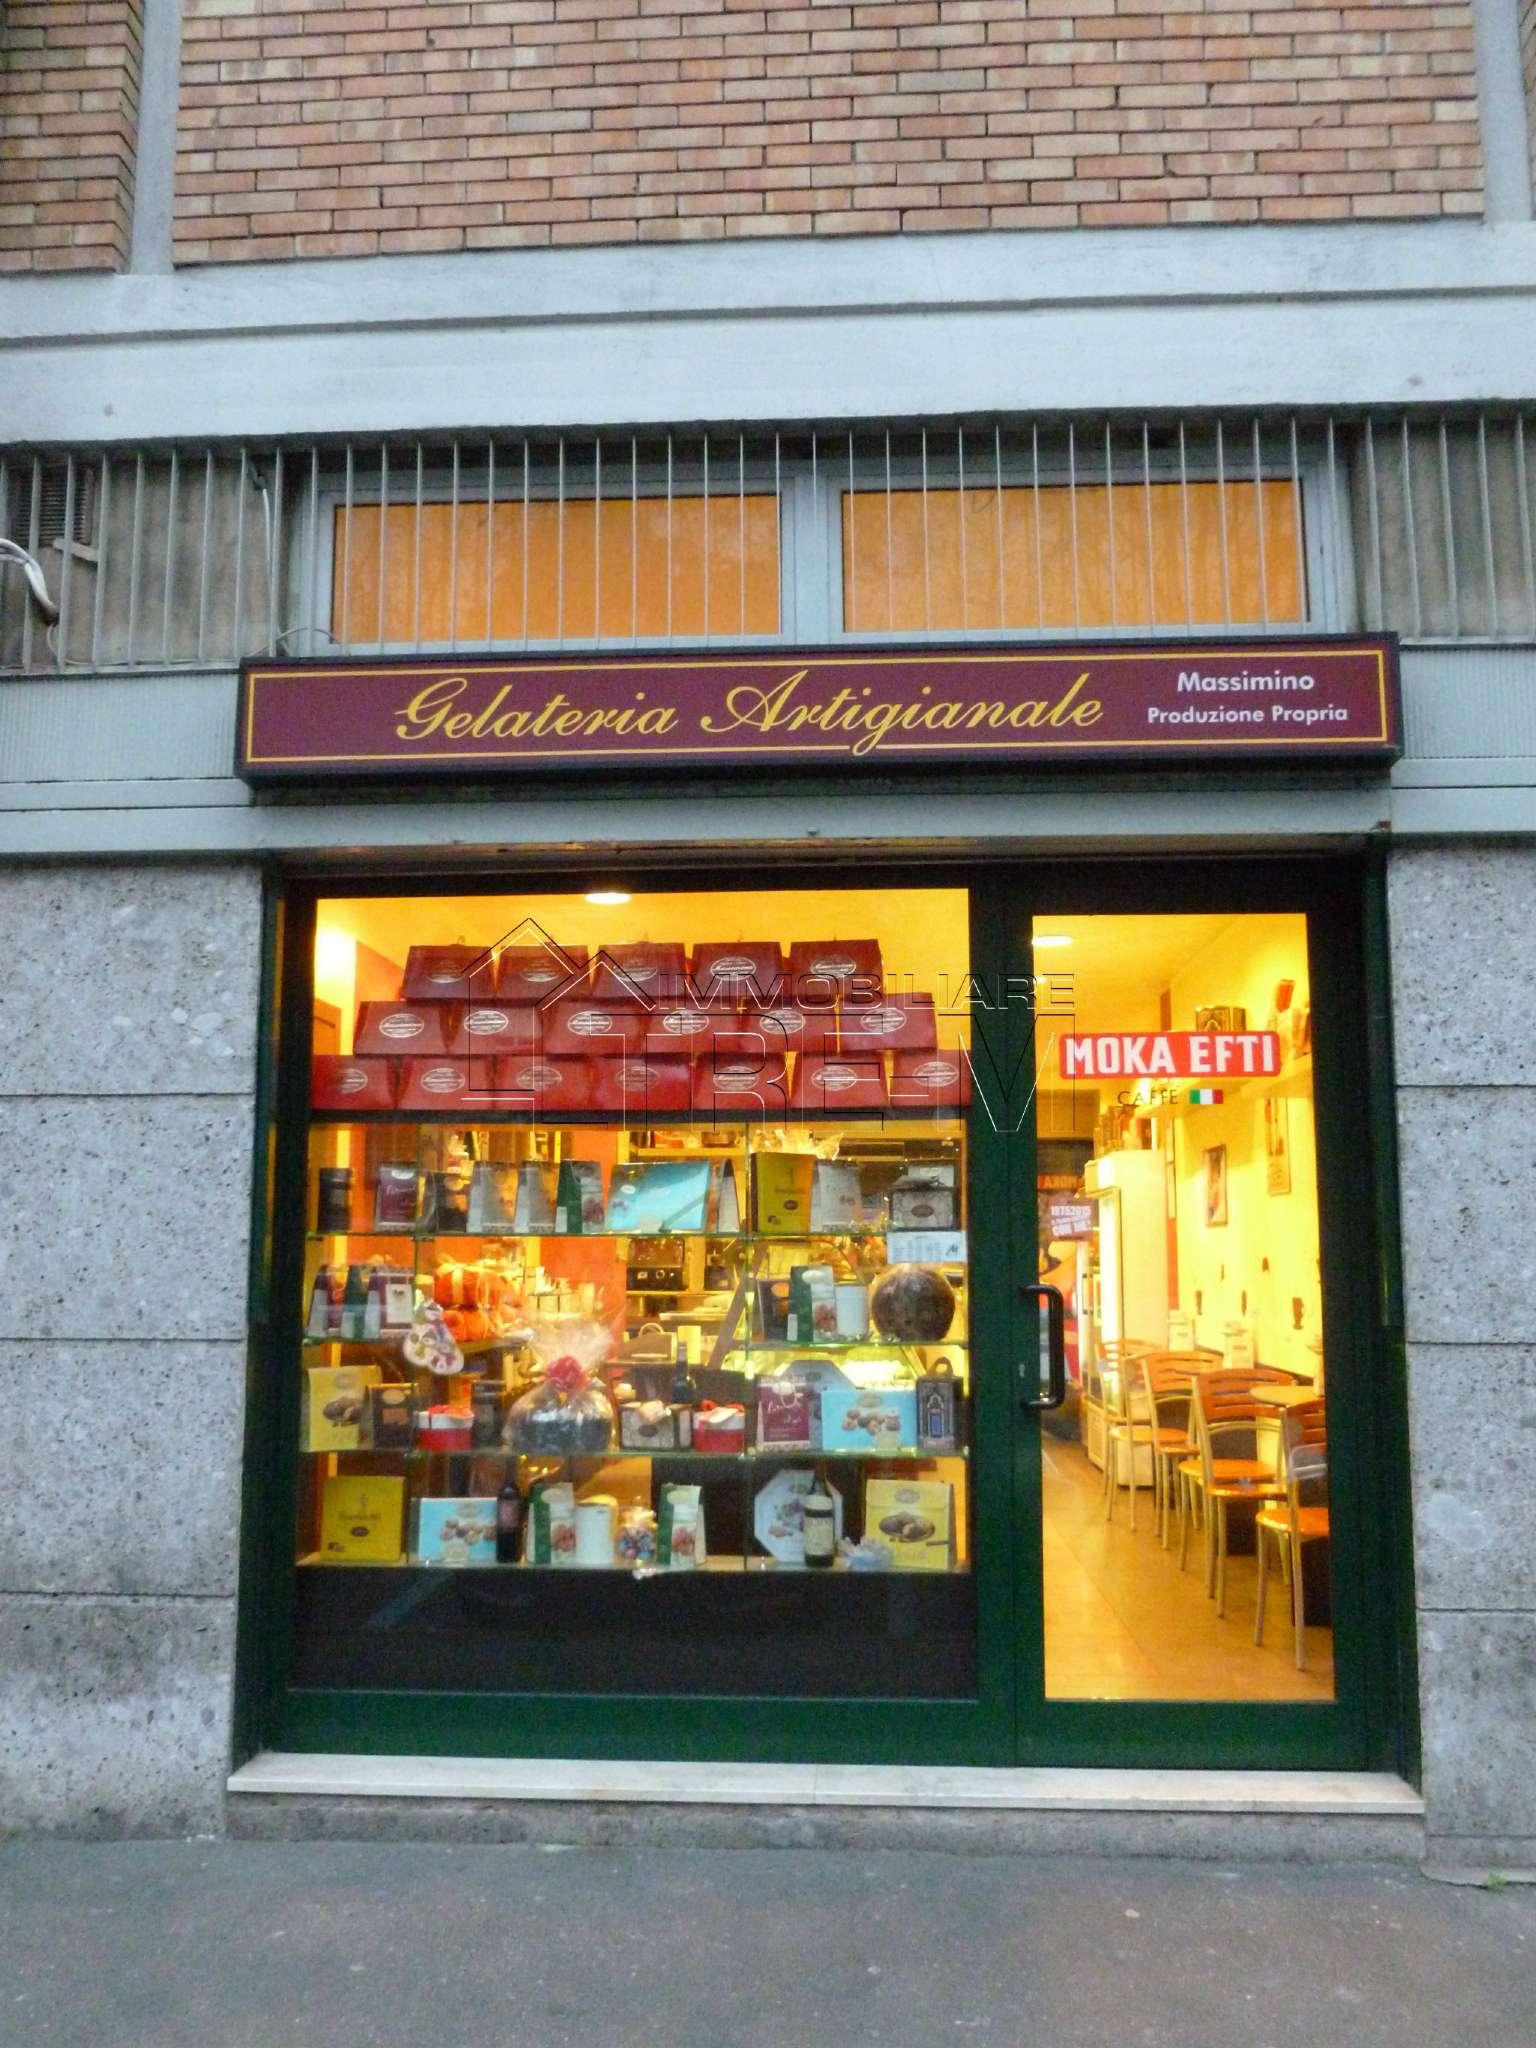 Negozio / Locale in vendita a Milano, 2 locali, zona Zona: 3 . Bicocca, Greco, Monza, Palmanova, Padova, prezzo € 225.000 | CambioCasa.it